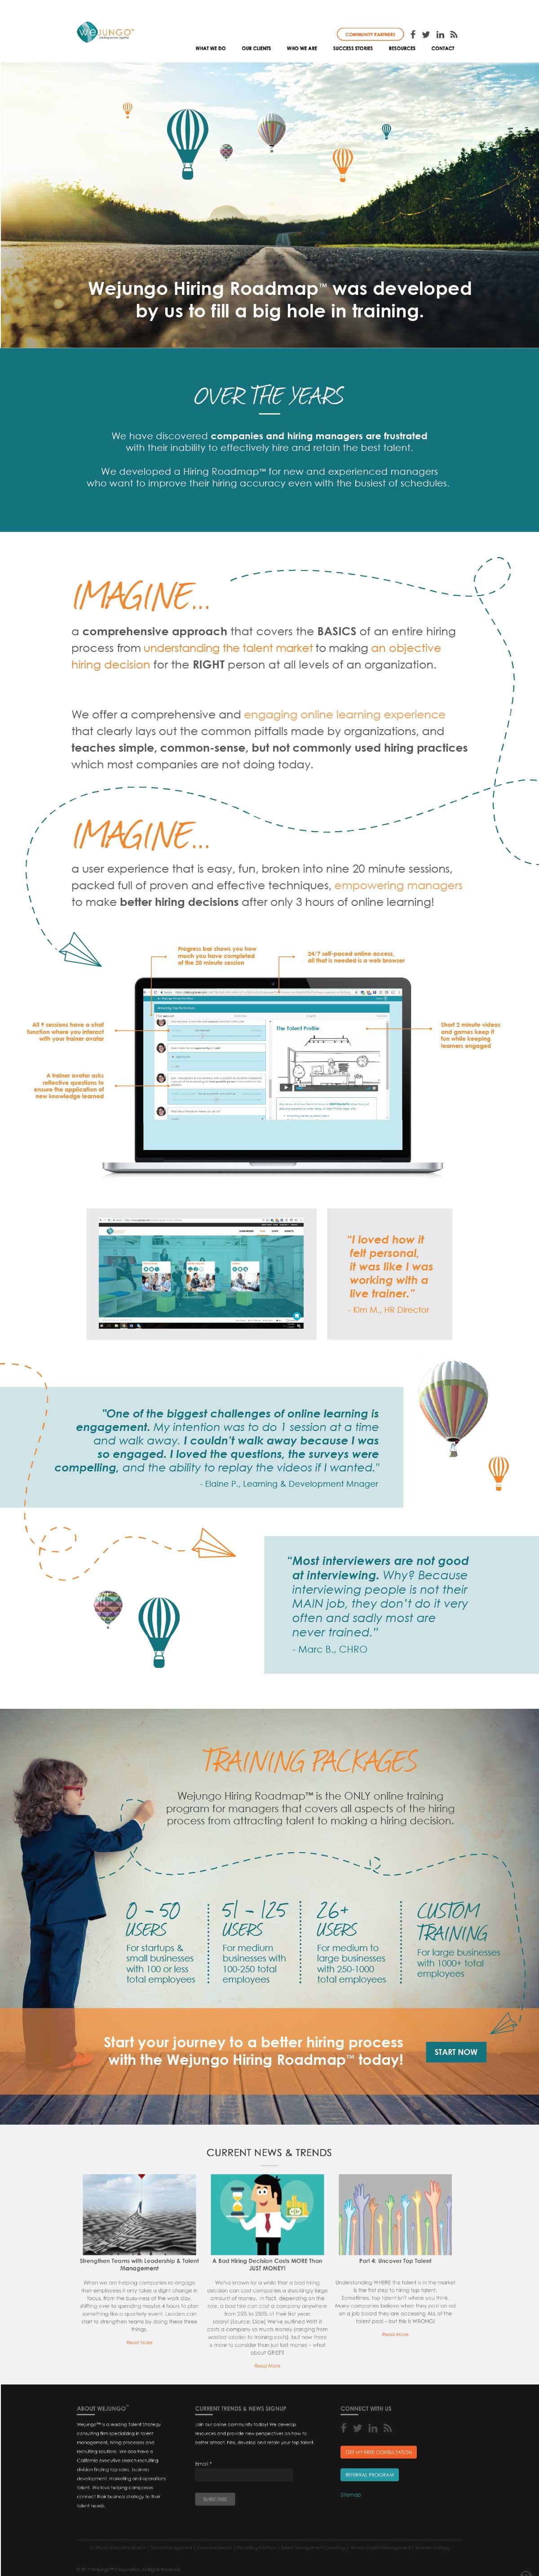 Wejungo_WebsitePage_Final-trademark-SFW.jpg